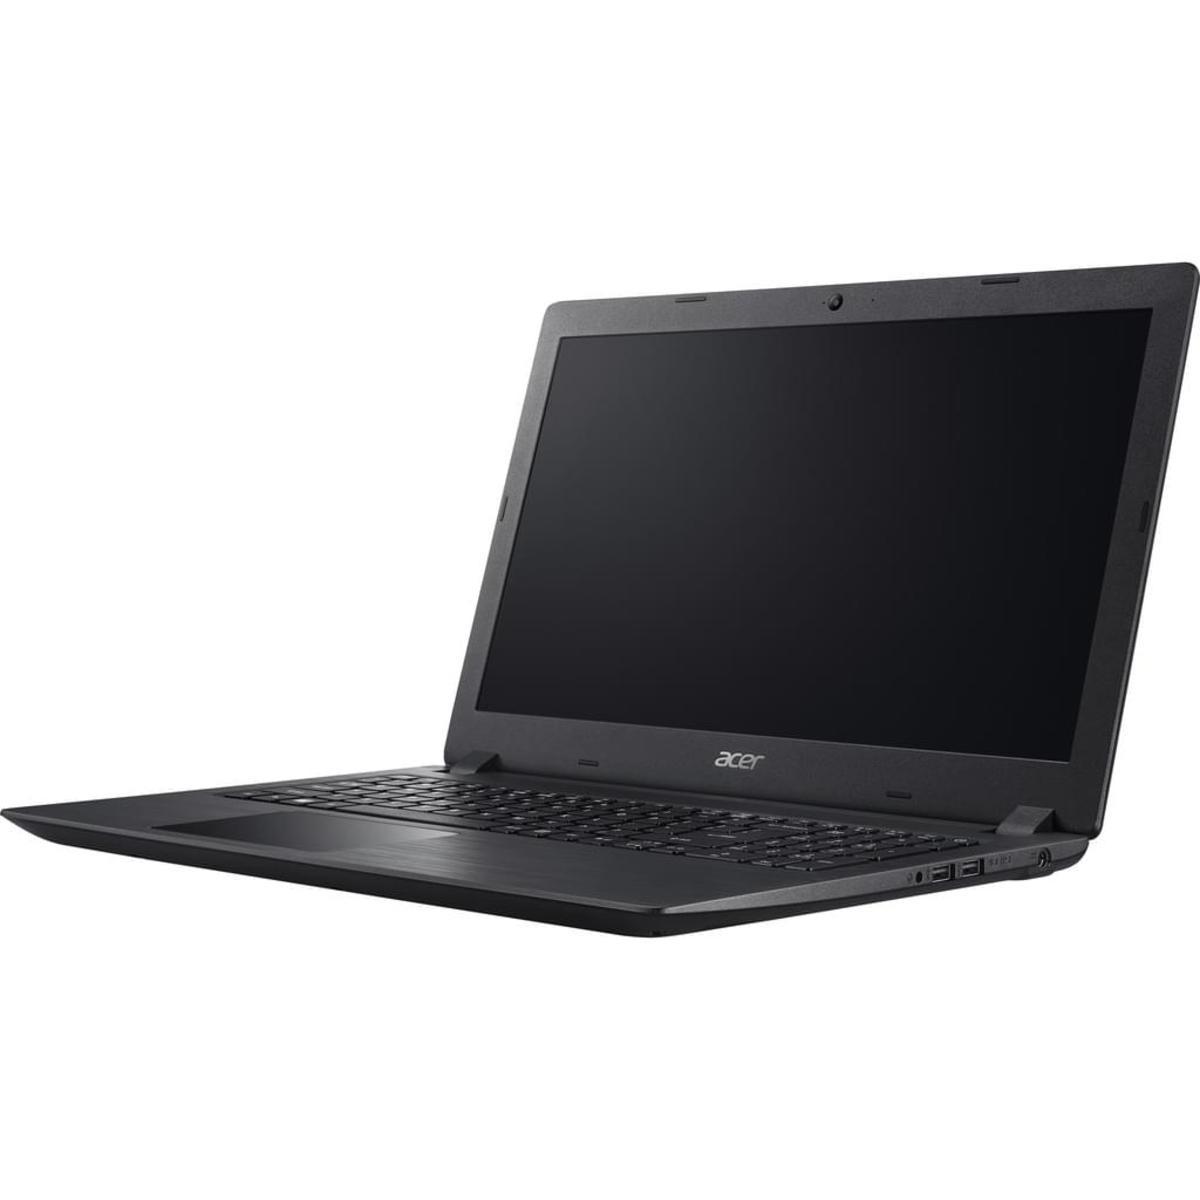 Bild 2 von Acer Notebook 39,60cm (15,6 Zoll), Intel Pentium N4200 Quad Core Prozessor (4 x bis zu 2,5 GHz), 4 GB RAM, 1000 GB Festplatte, Schwarz matt